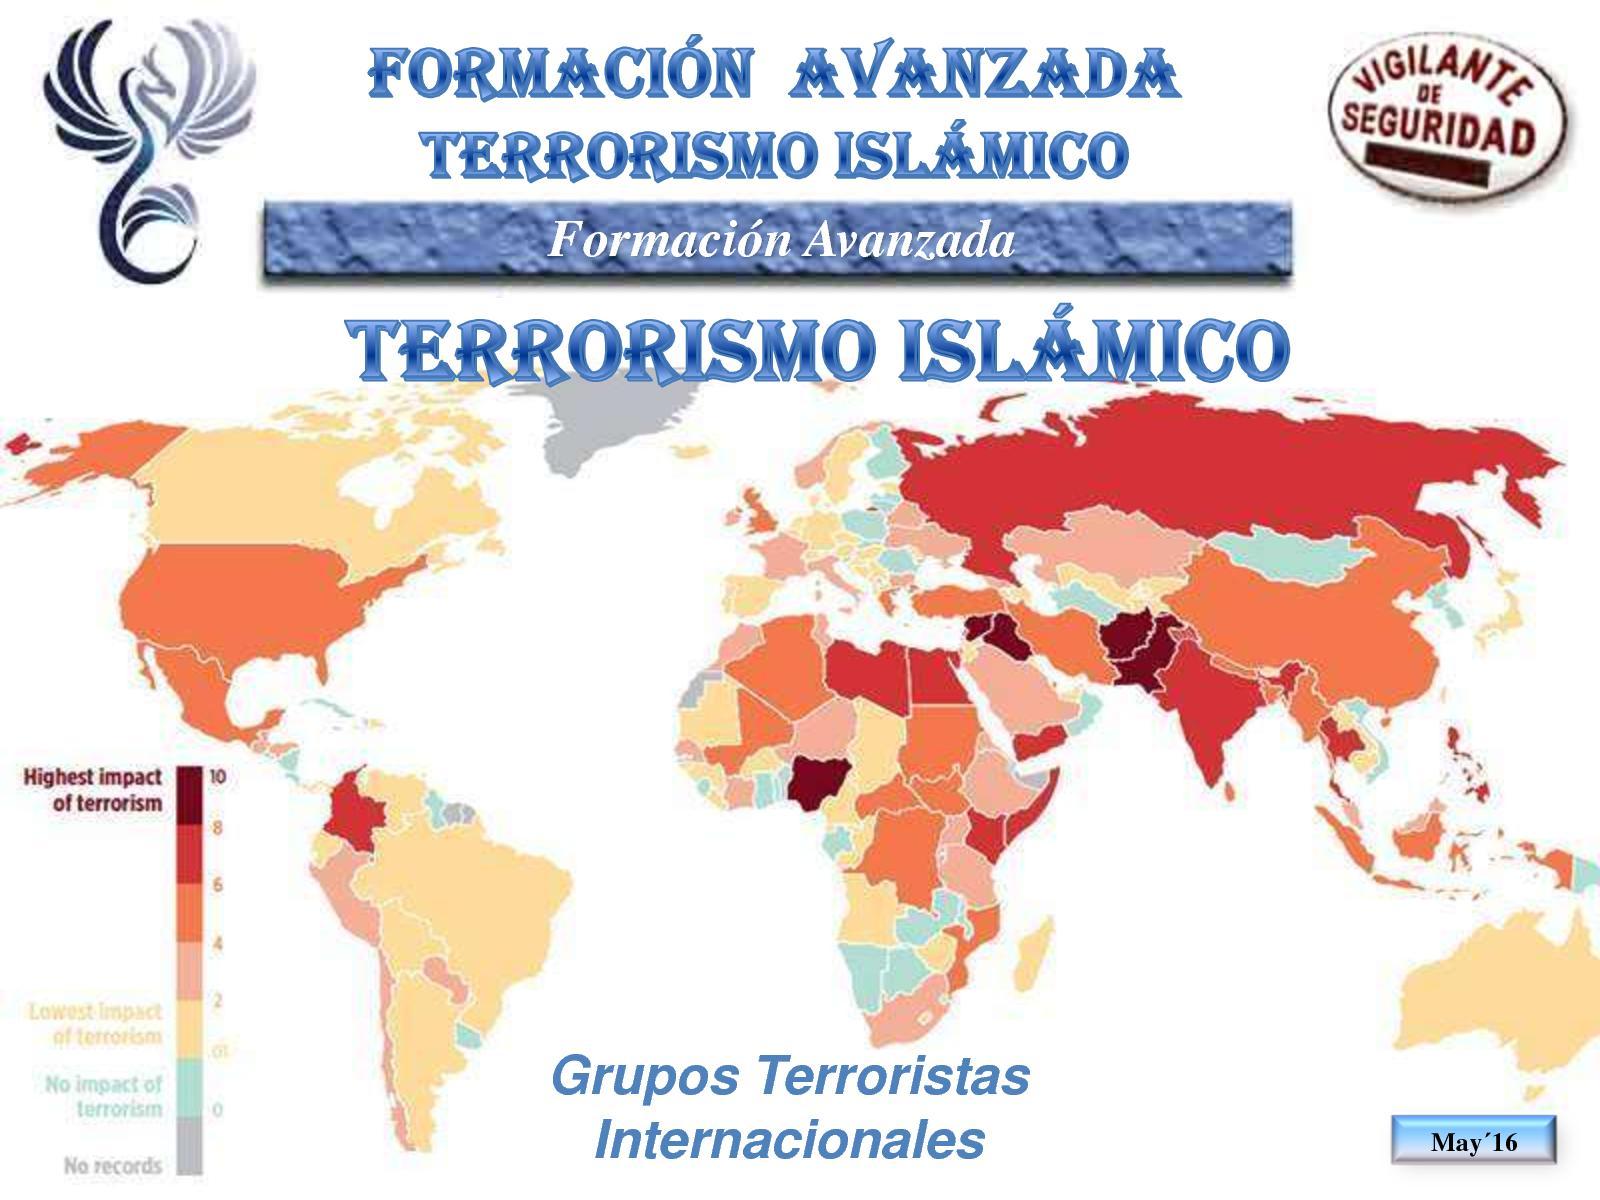 TI20 - Grupos Terroristas Internacionales